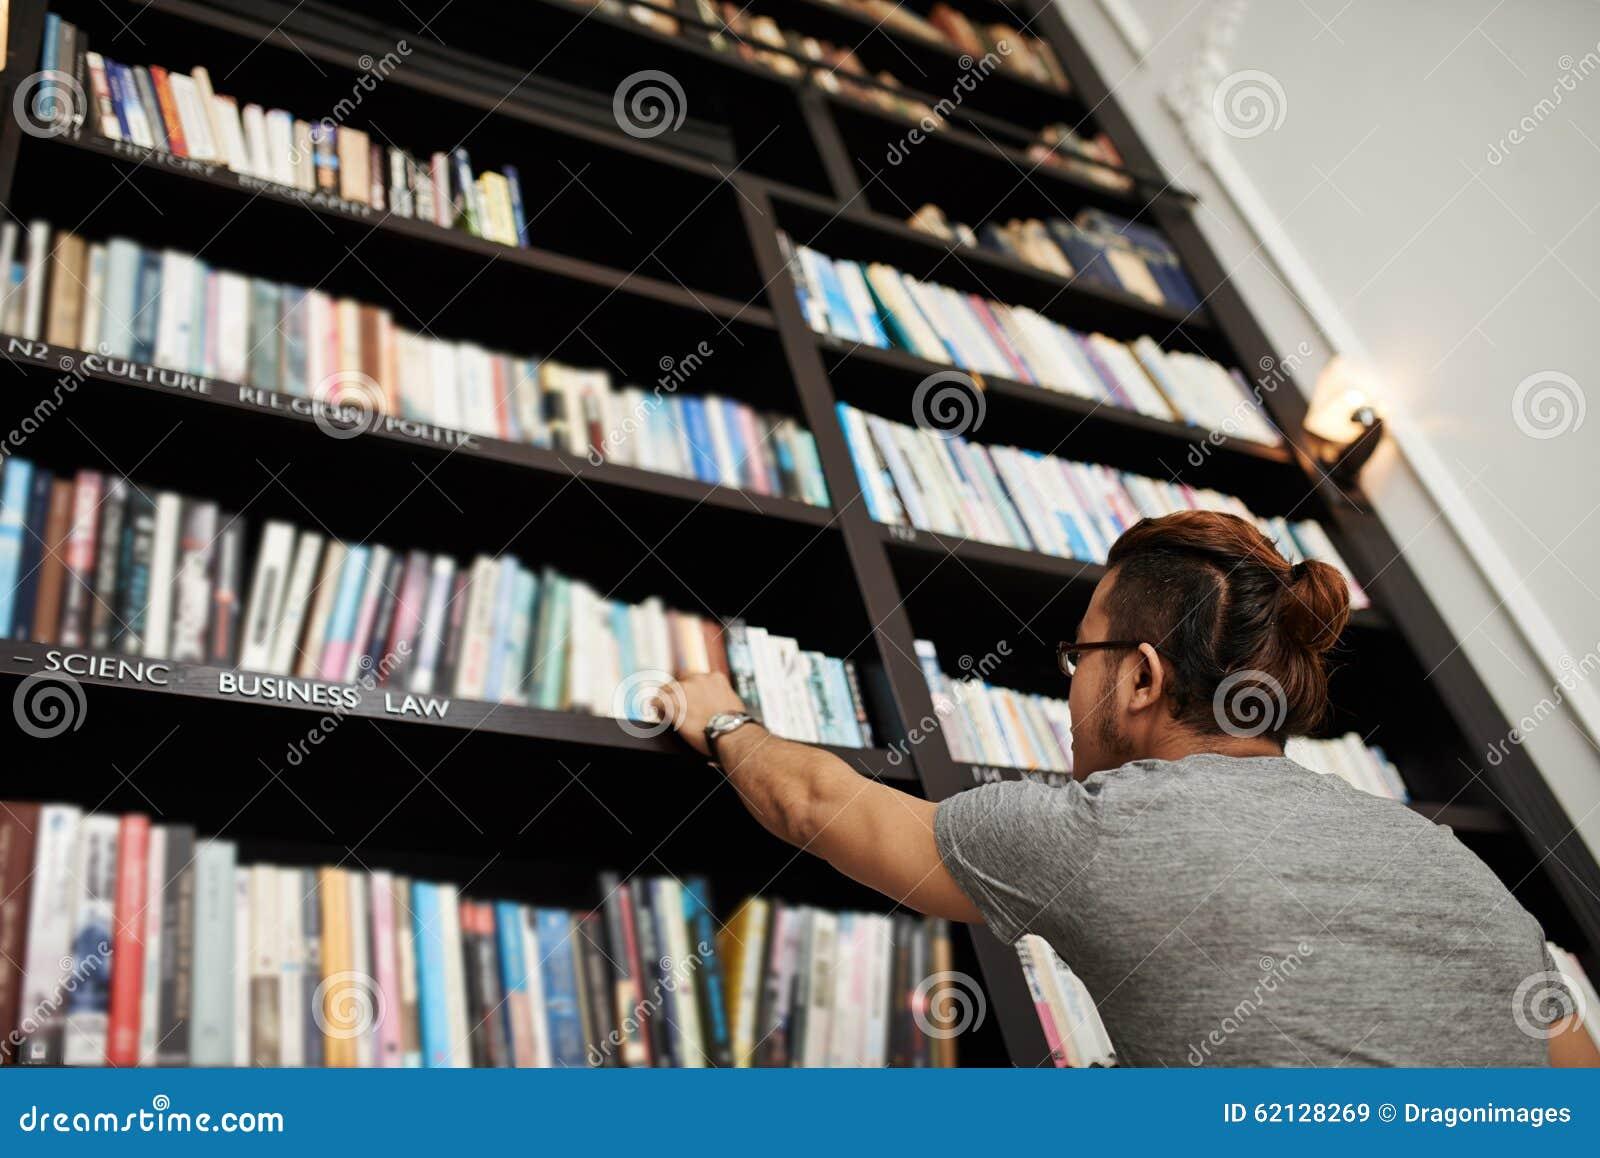 Suchen nach Buch